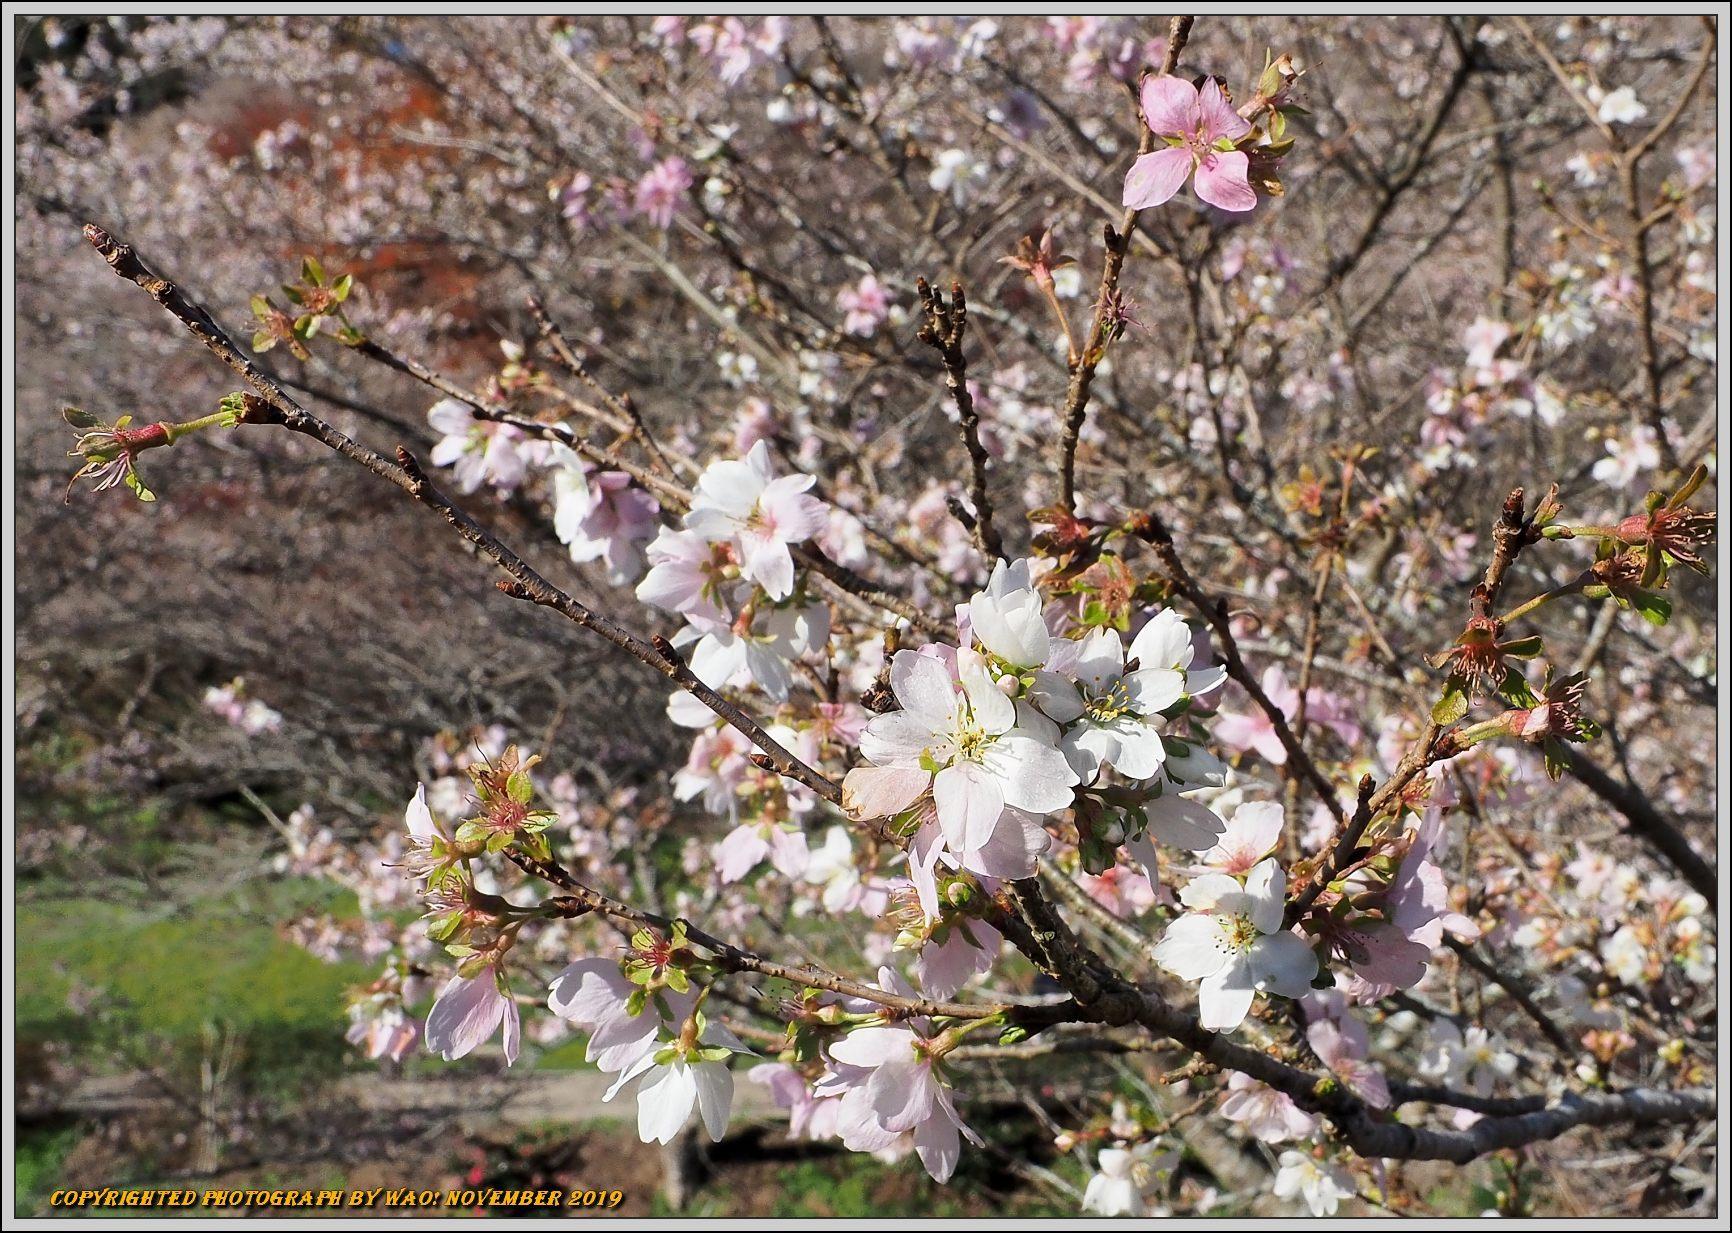 四季桜とモミジのコラボレーション-1_c0198669_15462655.jpg